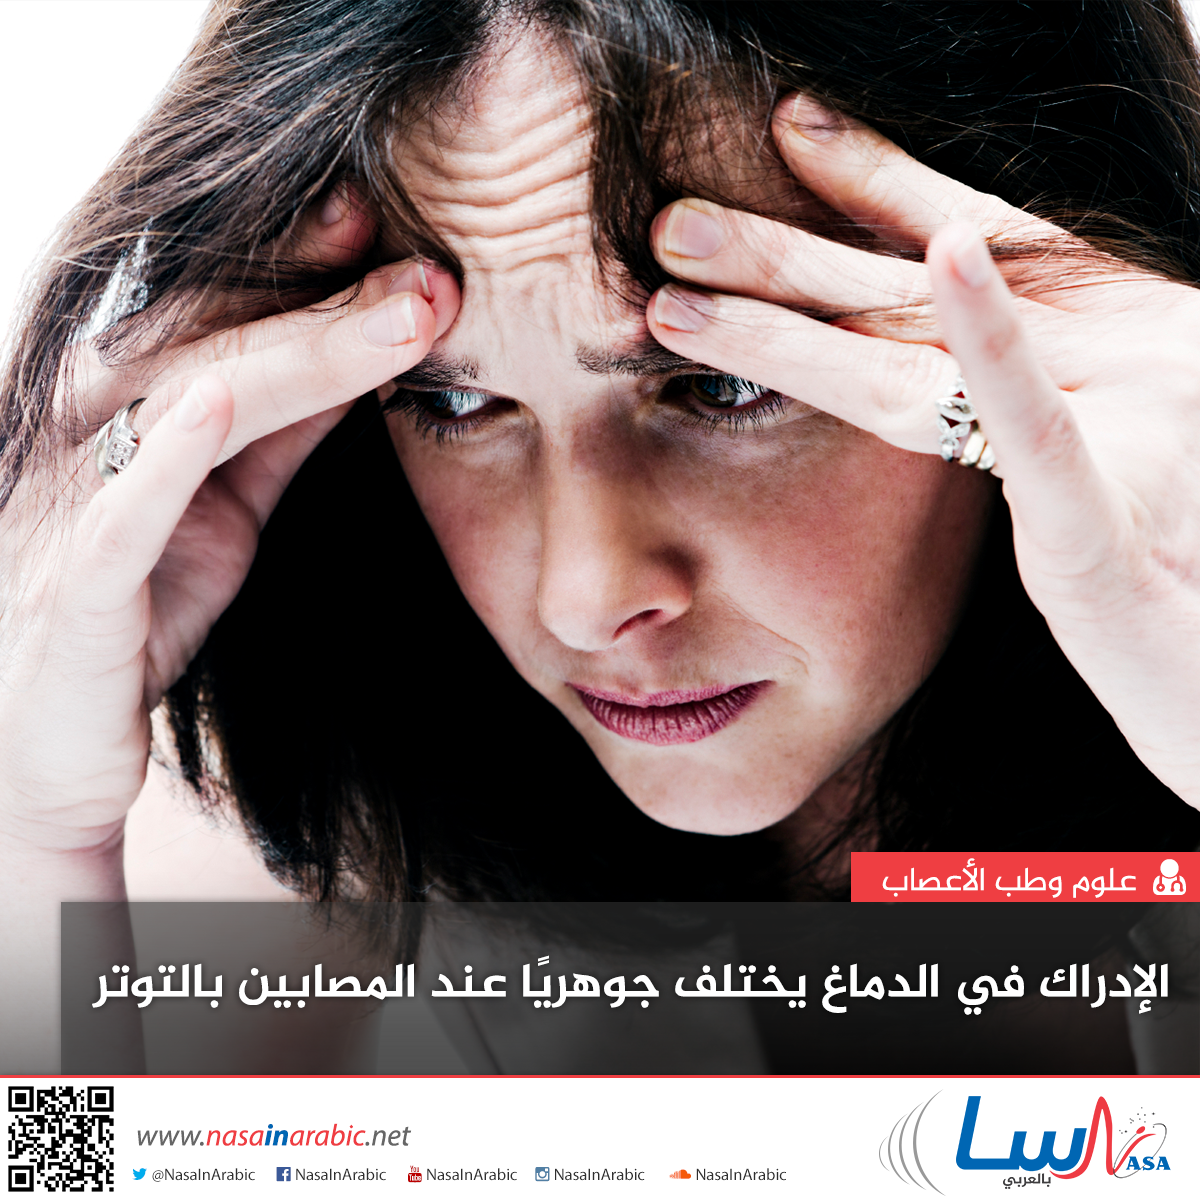 الإدراك في الدماغ يختلف جوهريًا عند المصابين بالتوتر